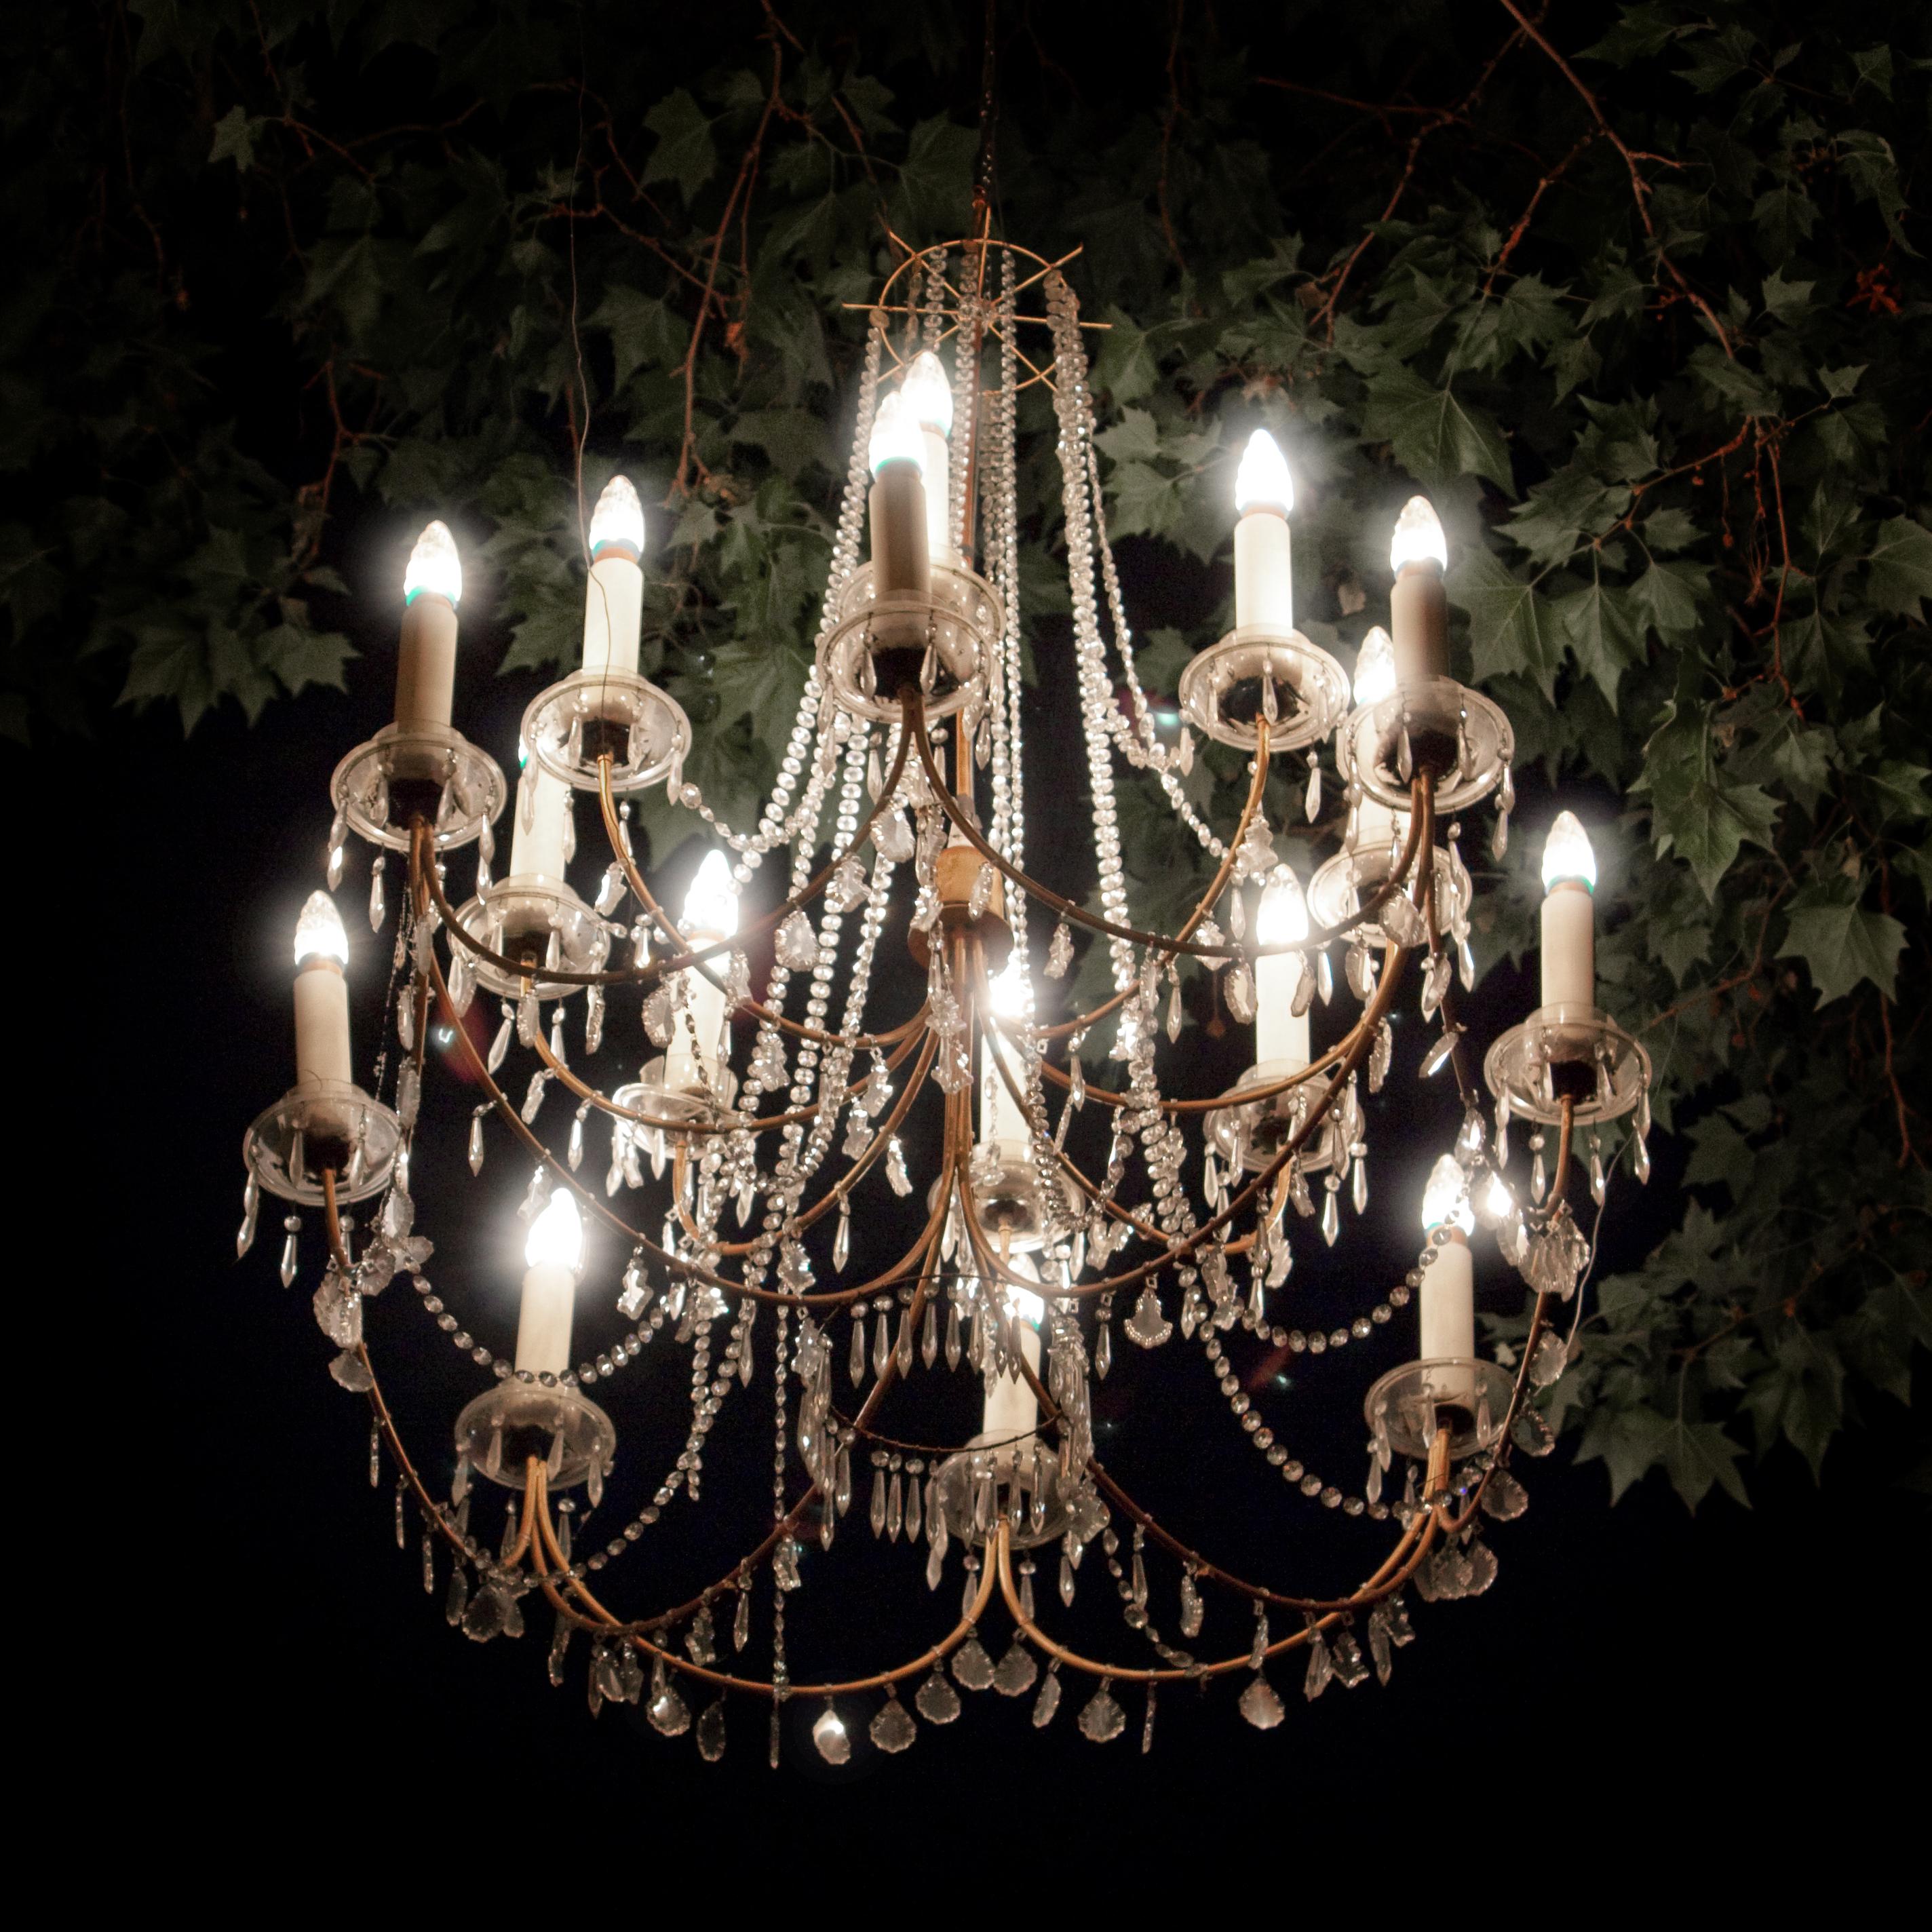 Eclairage Plafond A La Francaise 12 conseils pour illuminer son intérieur - ooreka